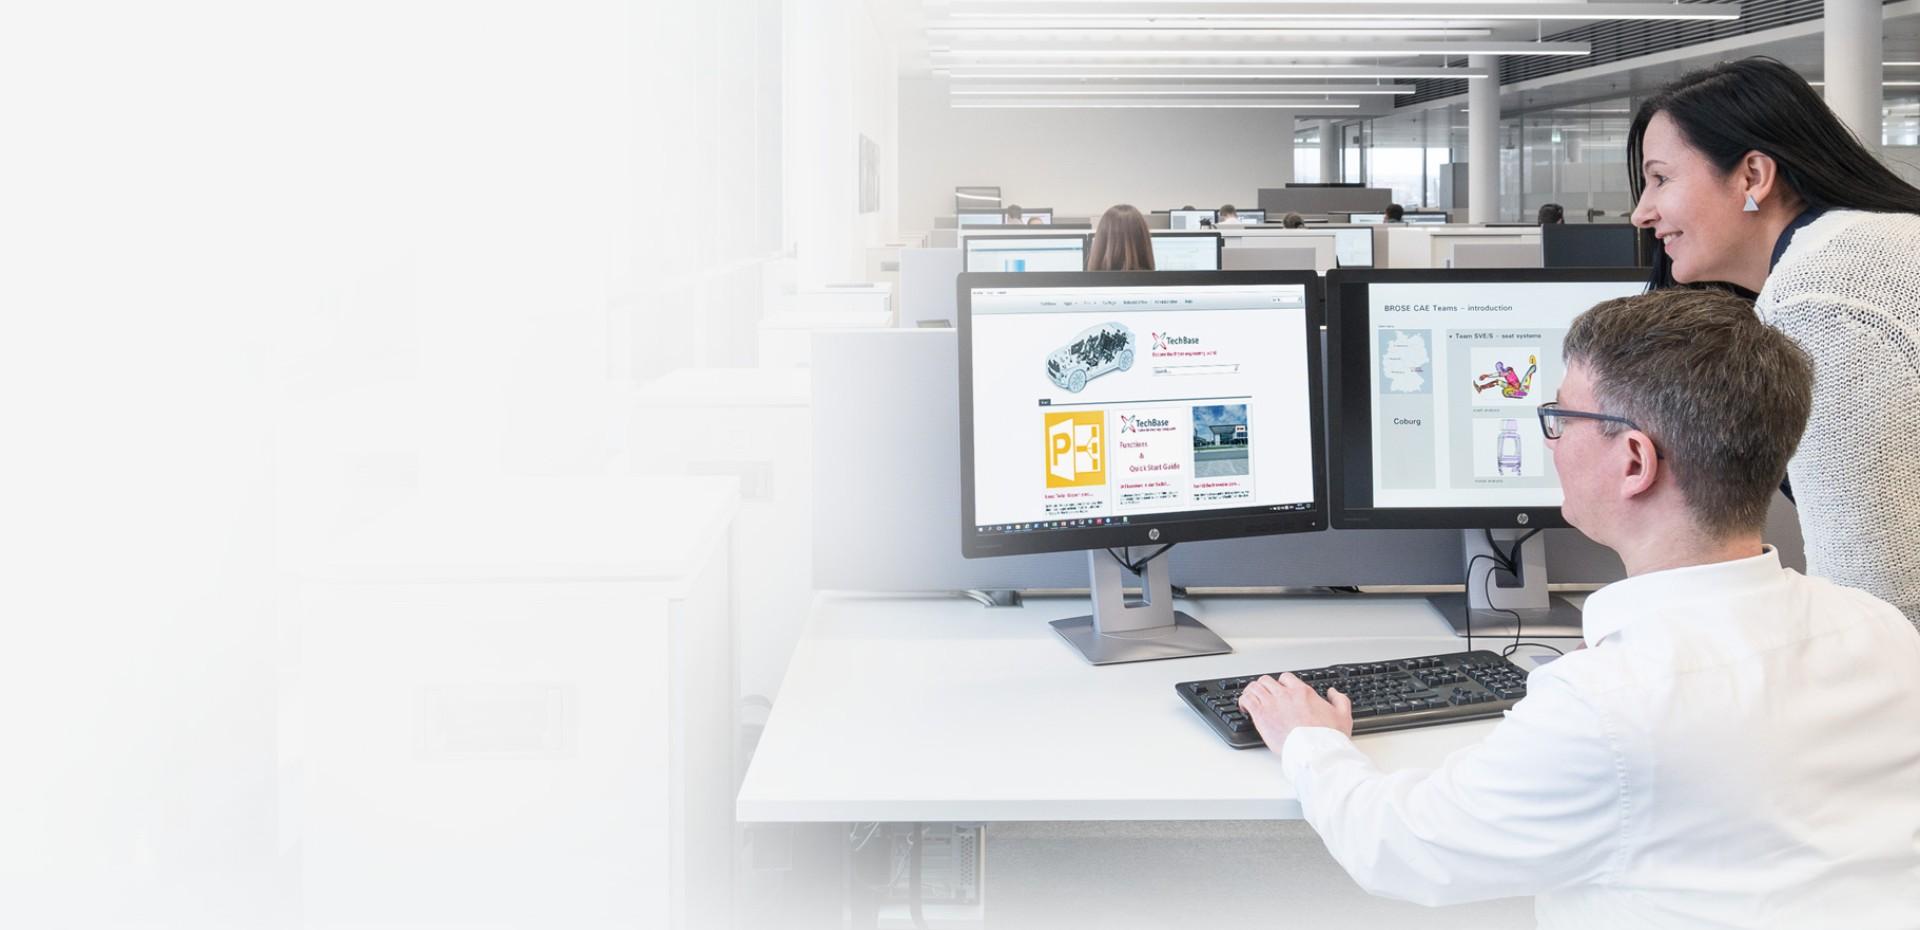 Brose IT Karriere, Fortschrittliche Arbeitswelt: Kompetenzen stärken